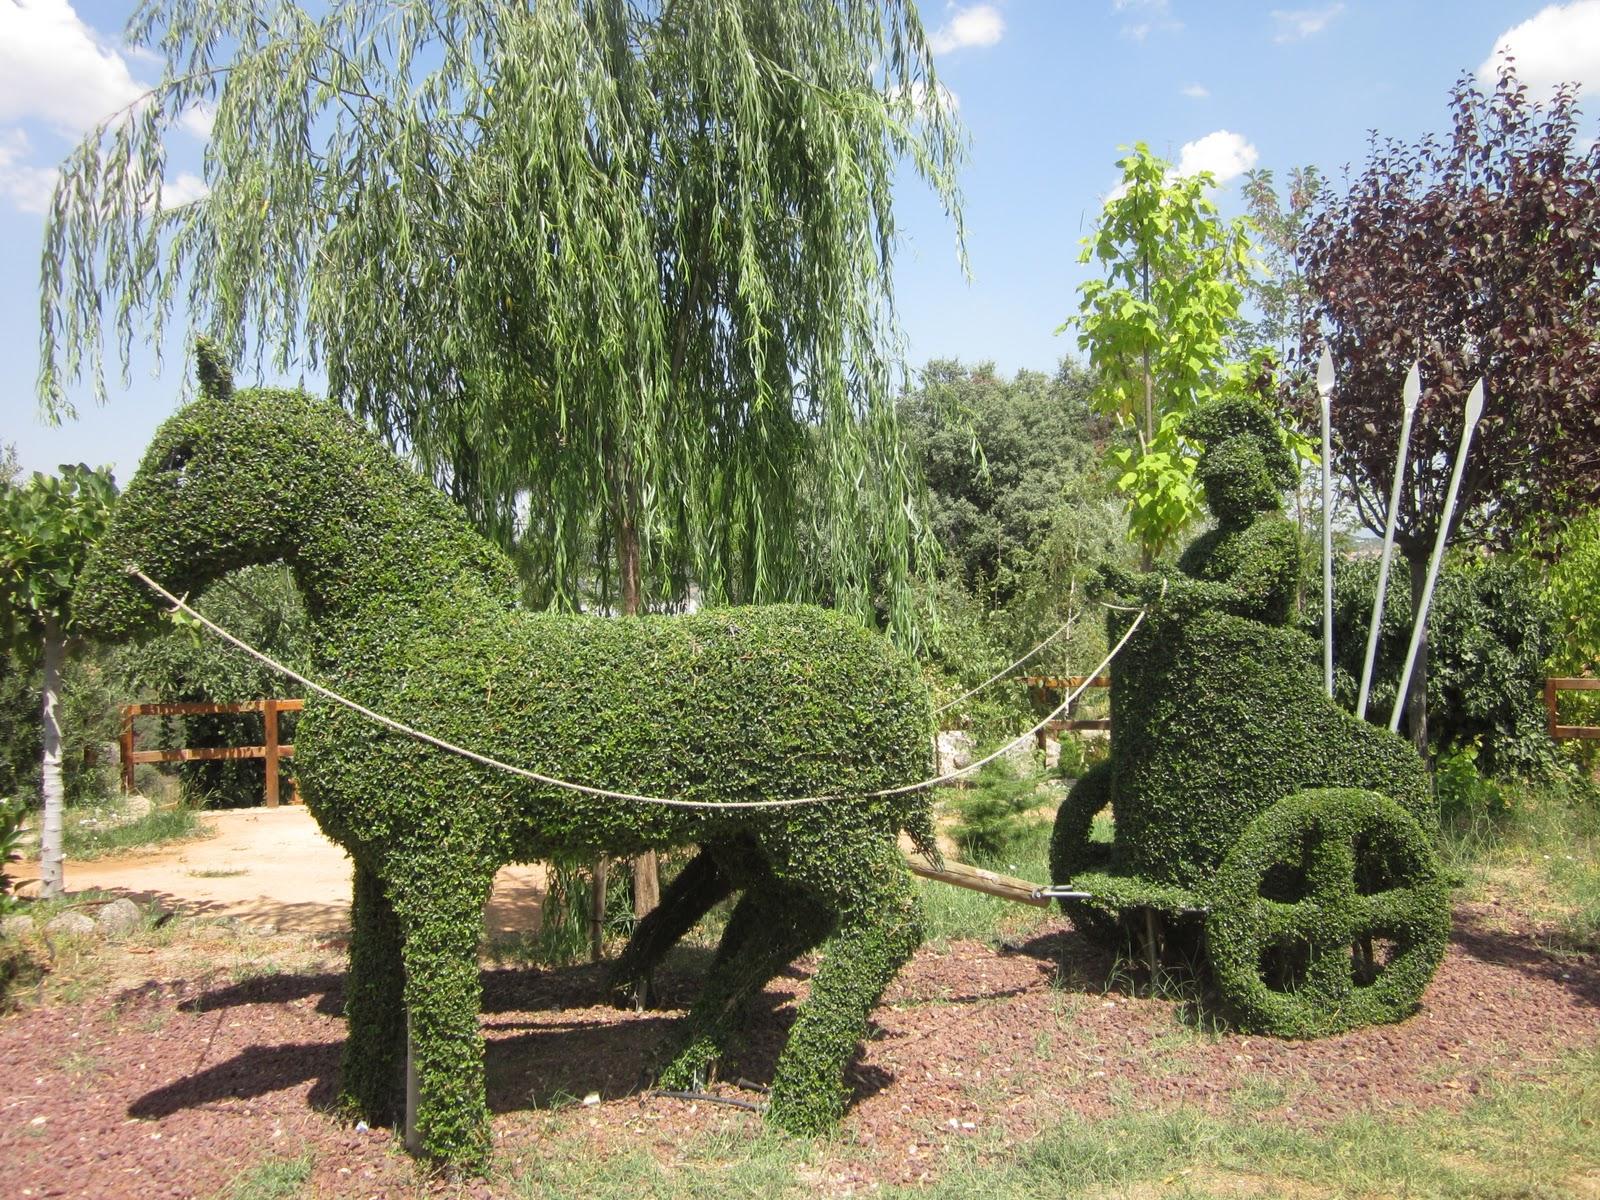 El bosque encantado mi mam tiene un blog - Jardin encantado madrid ...